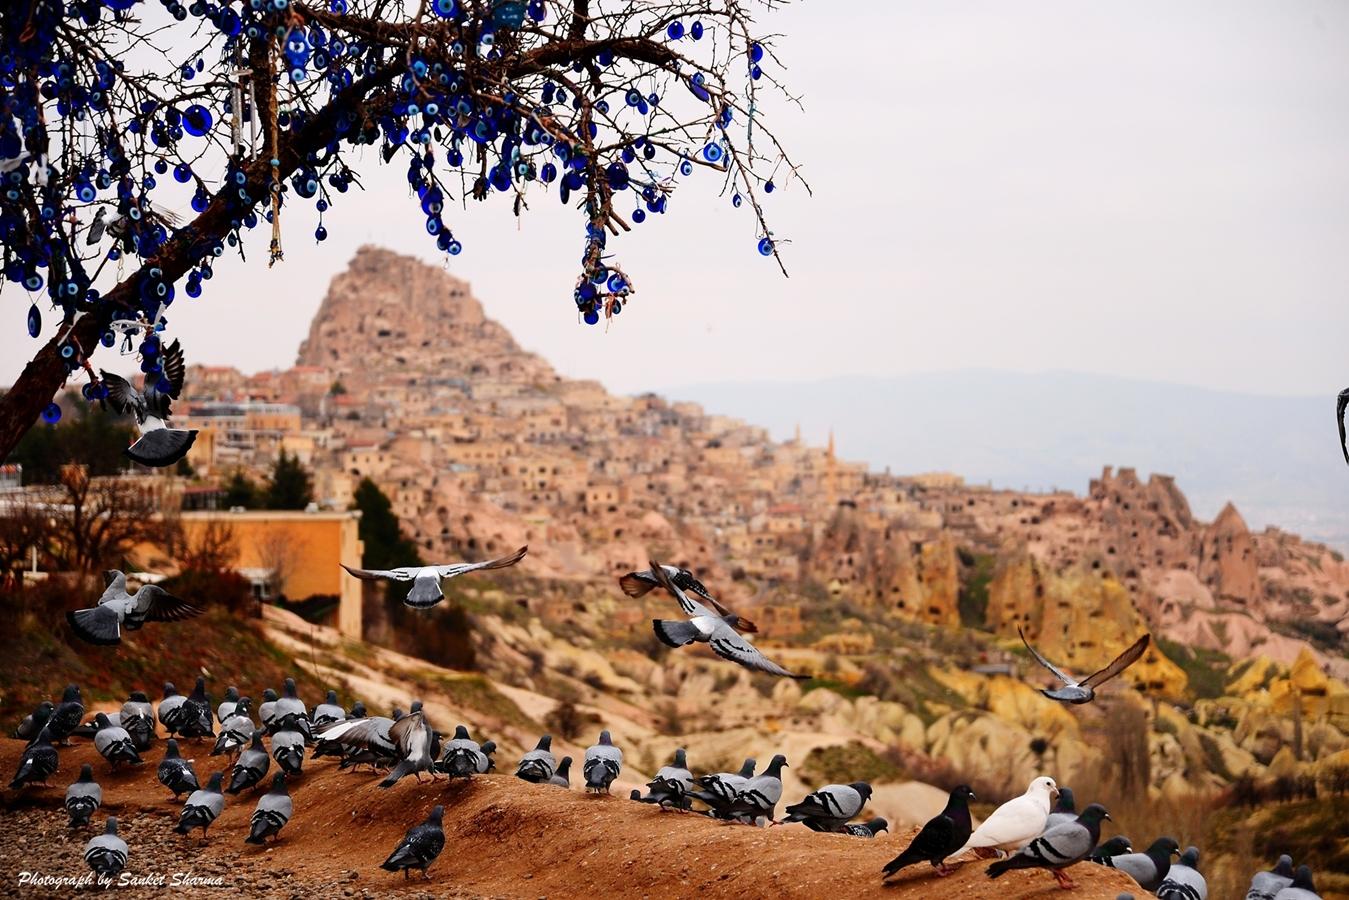 Pigeon Valley, Cappadocia, Turkey